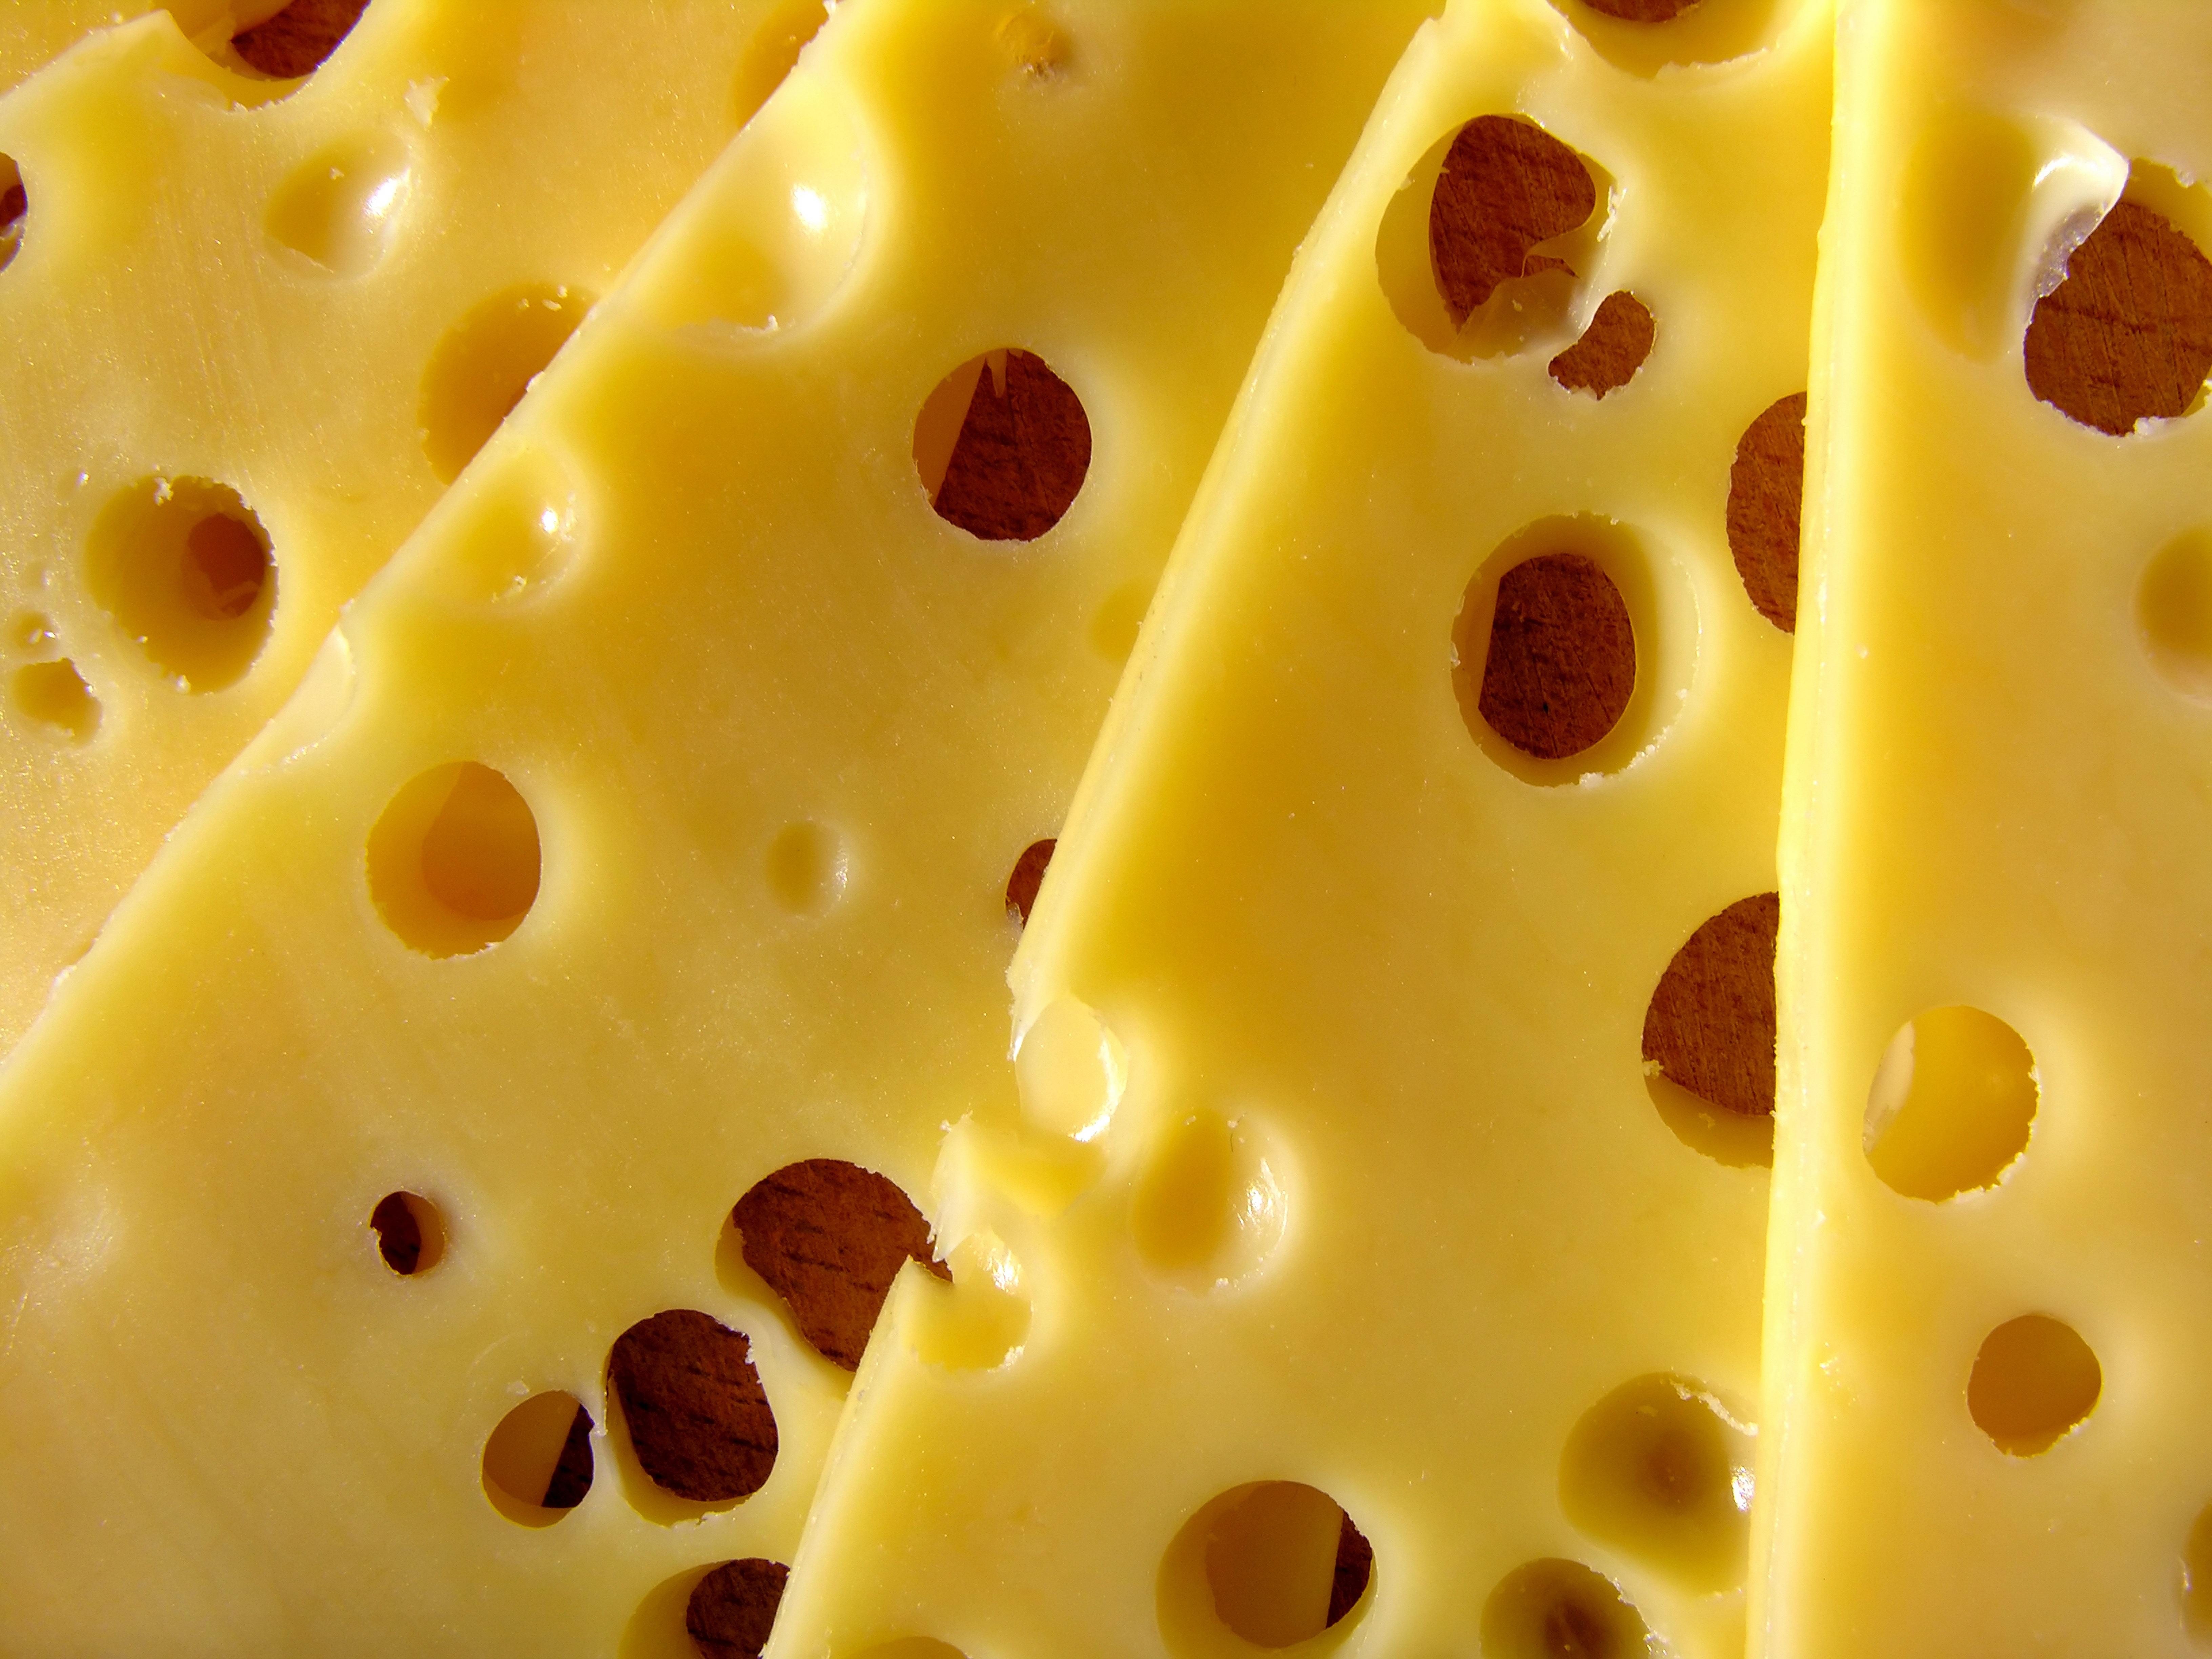 O queijo emmental é conhecido pelos furos